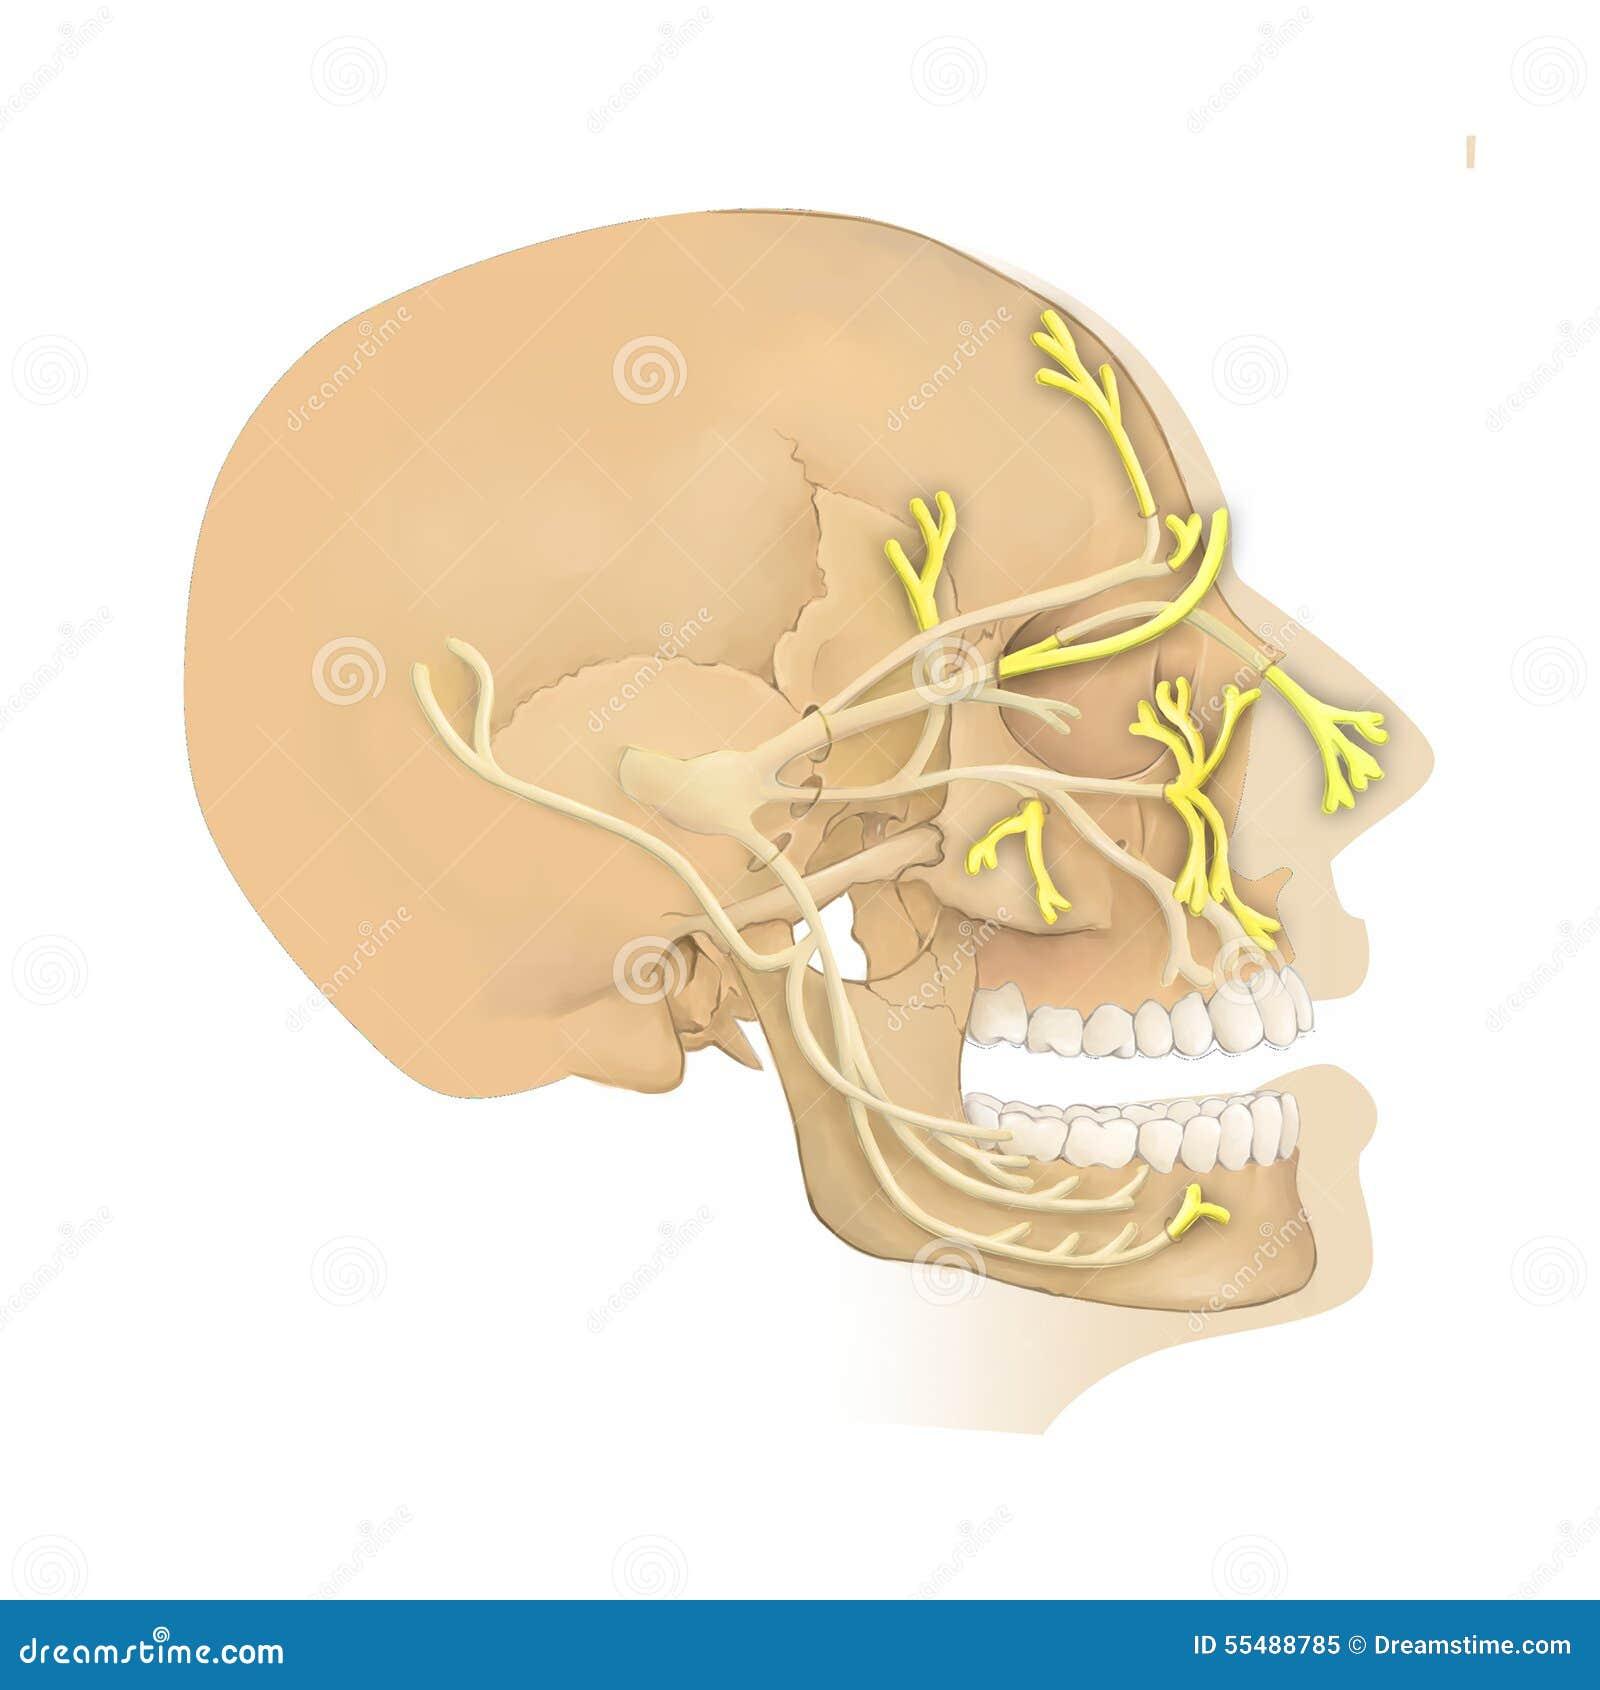 Anatomie Des Nervus Trigeminus Stock Abbildung - Illustration von ...